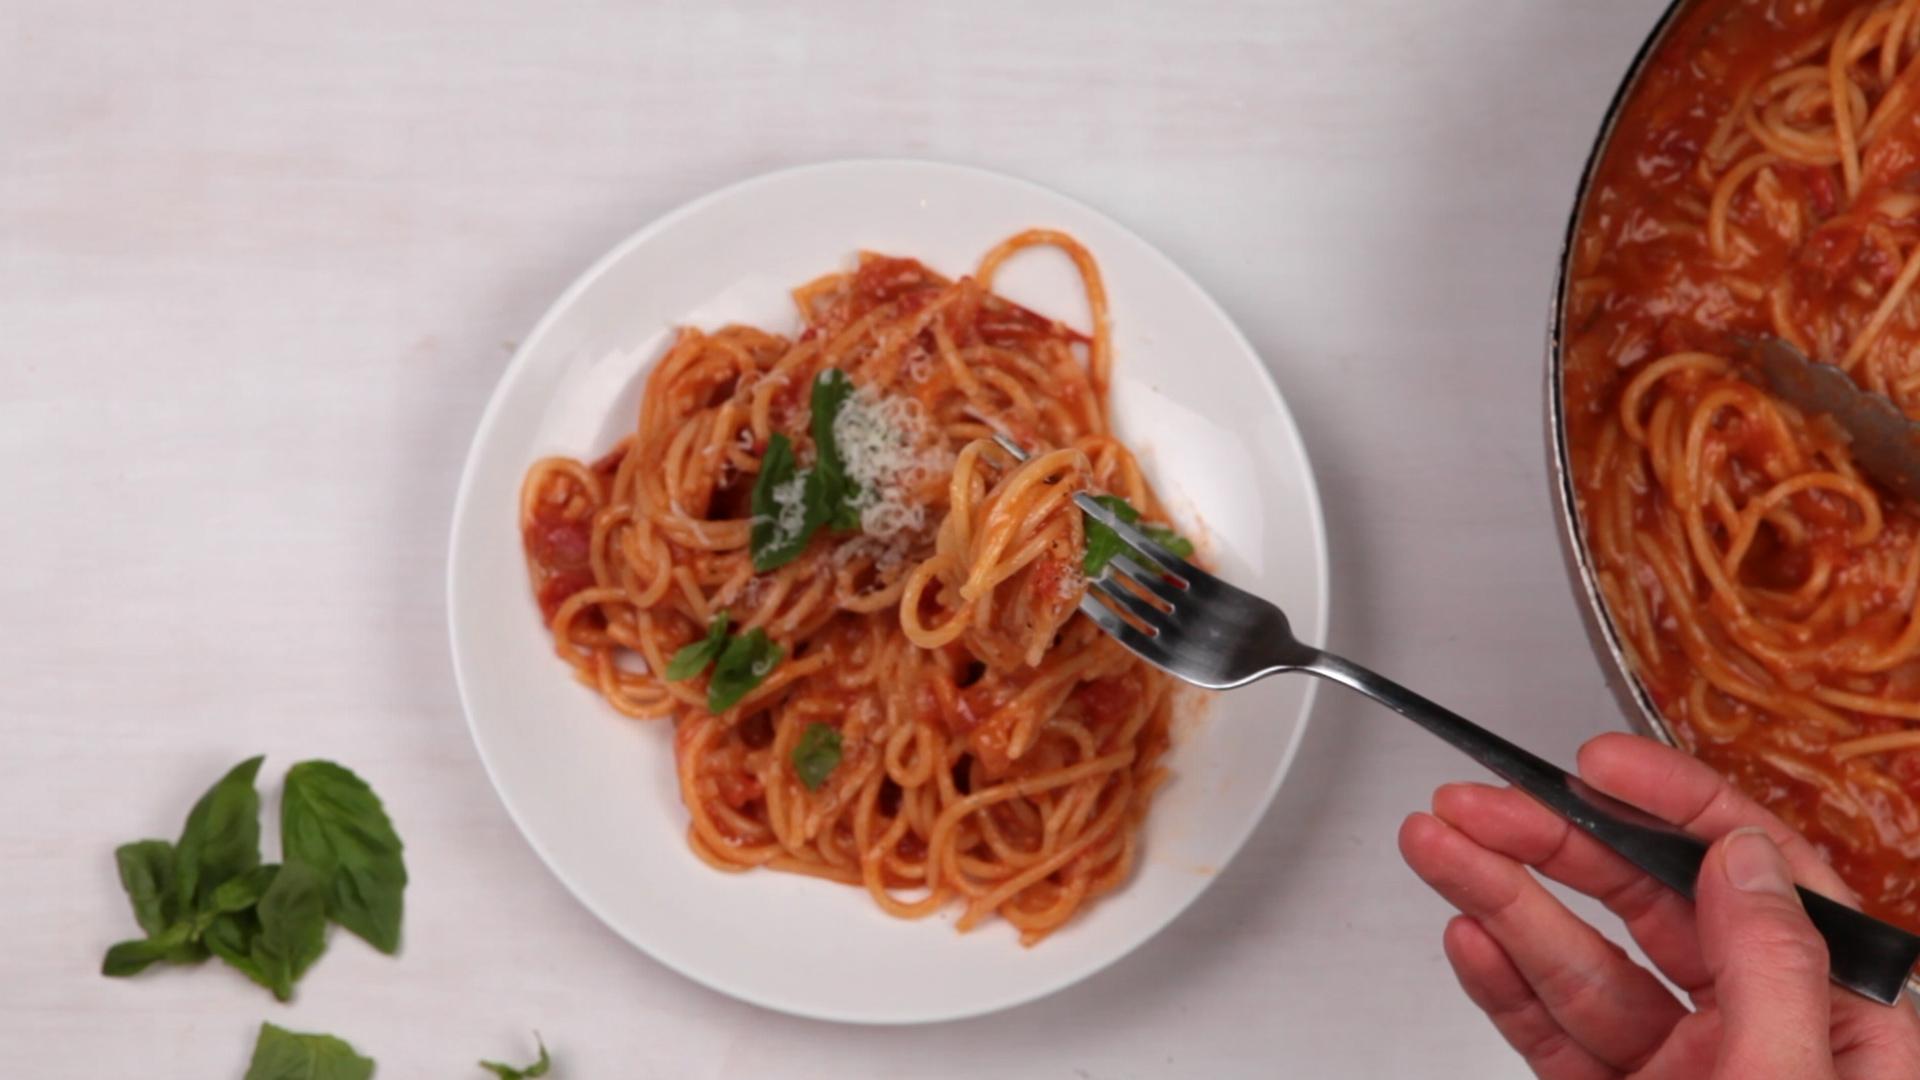 How to Make One Pan Spaghetti